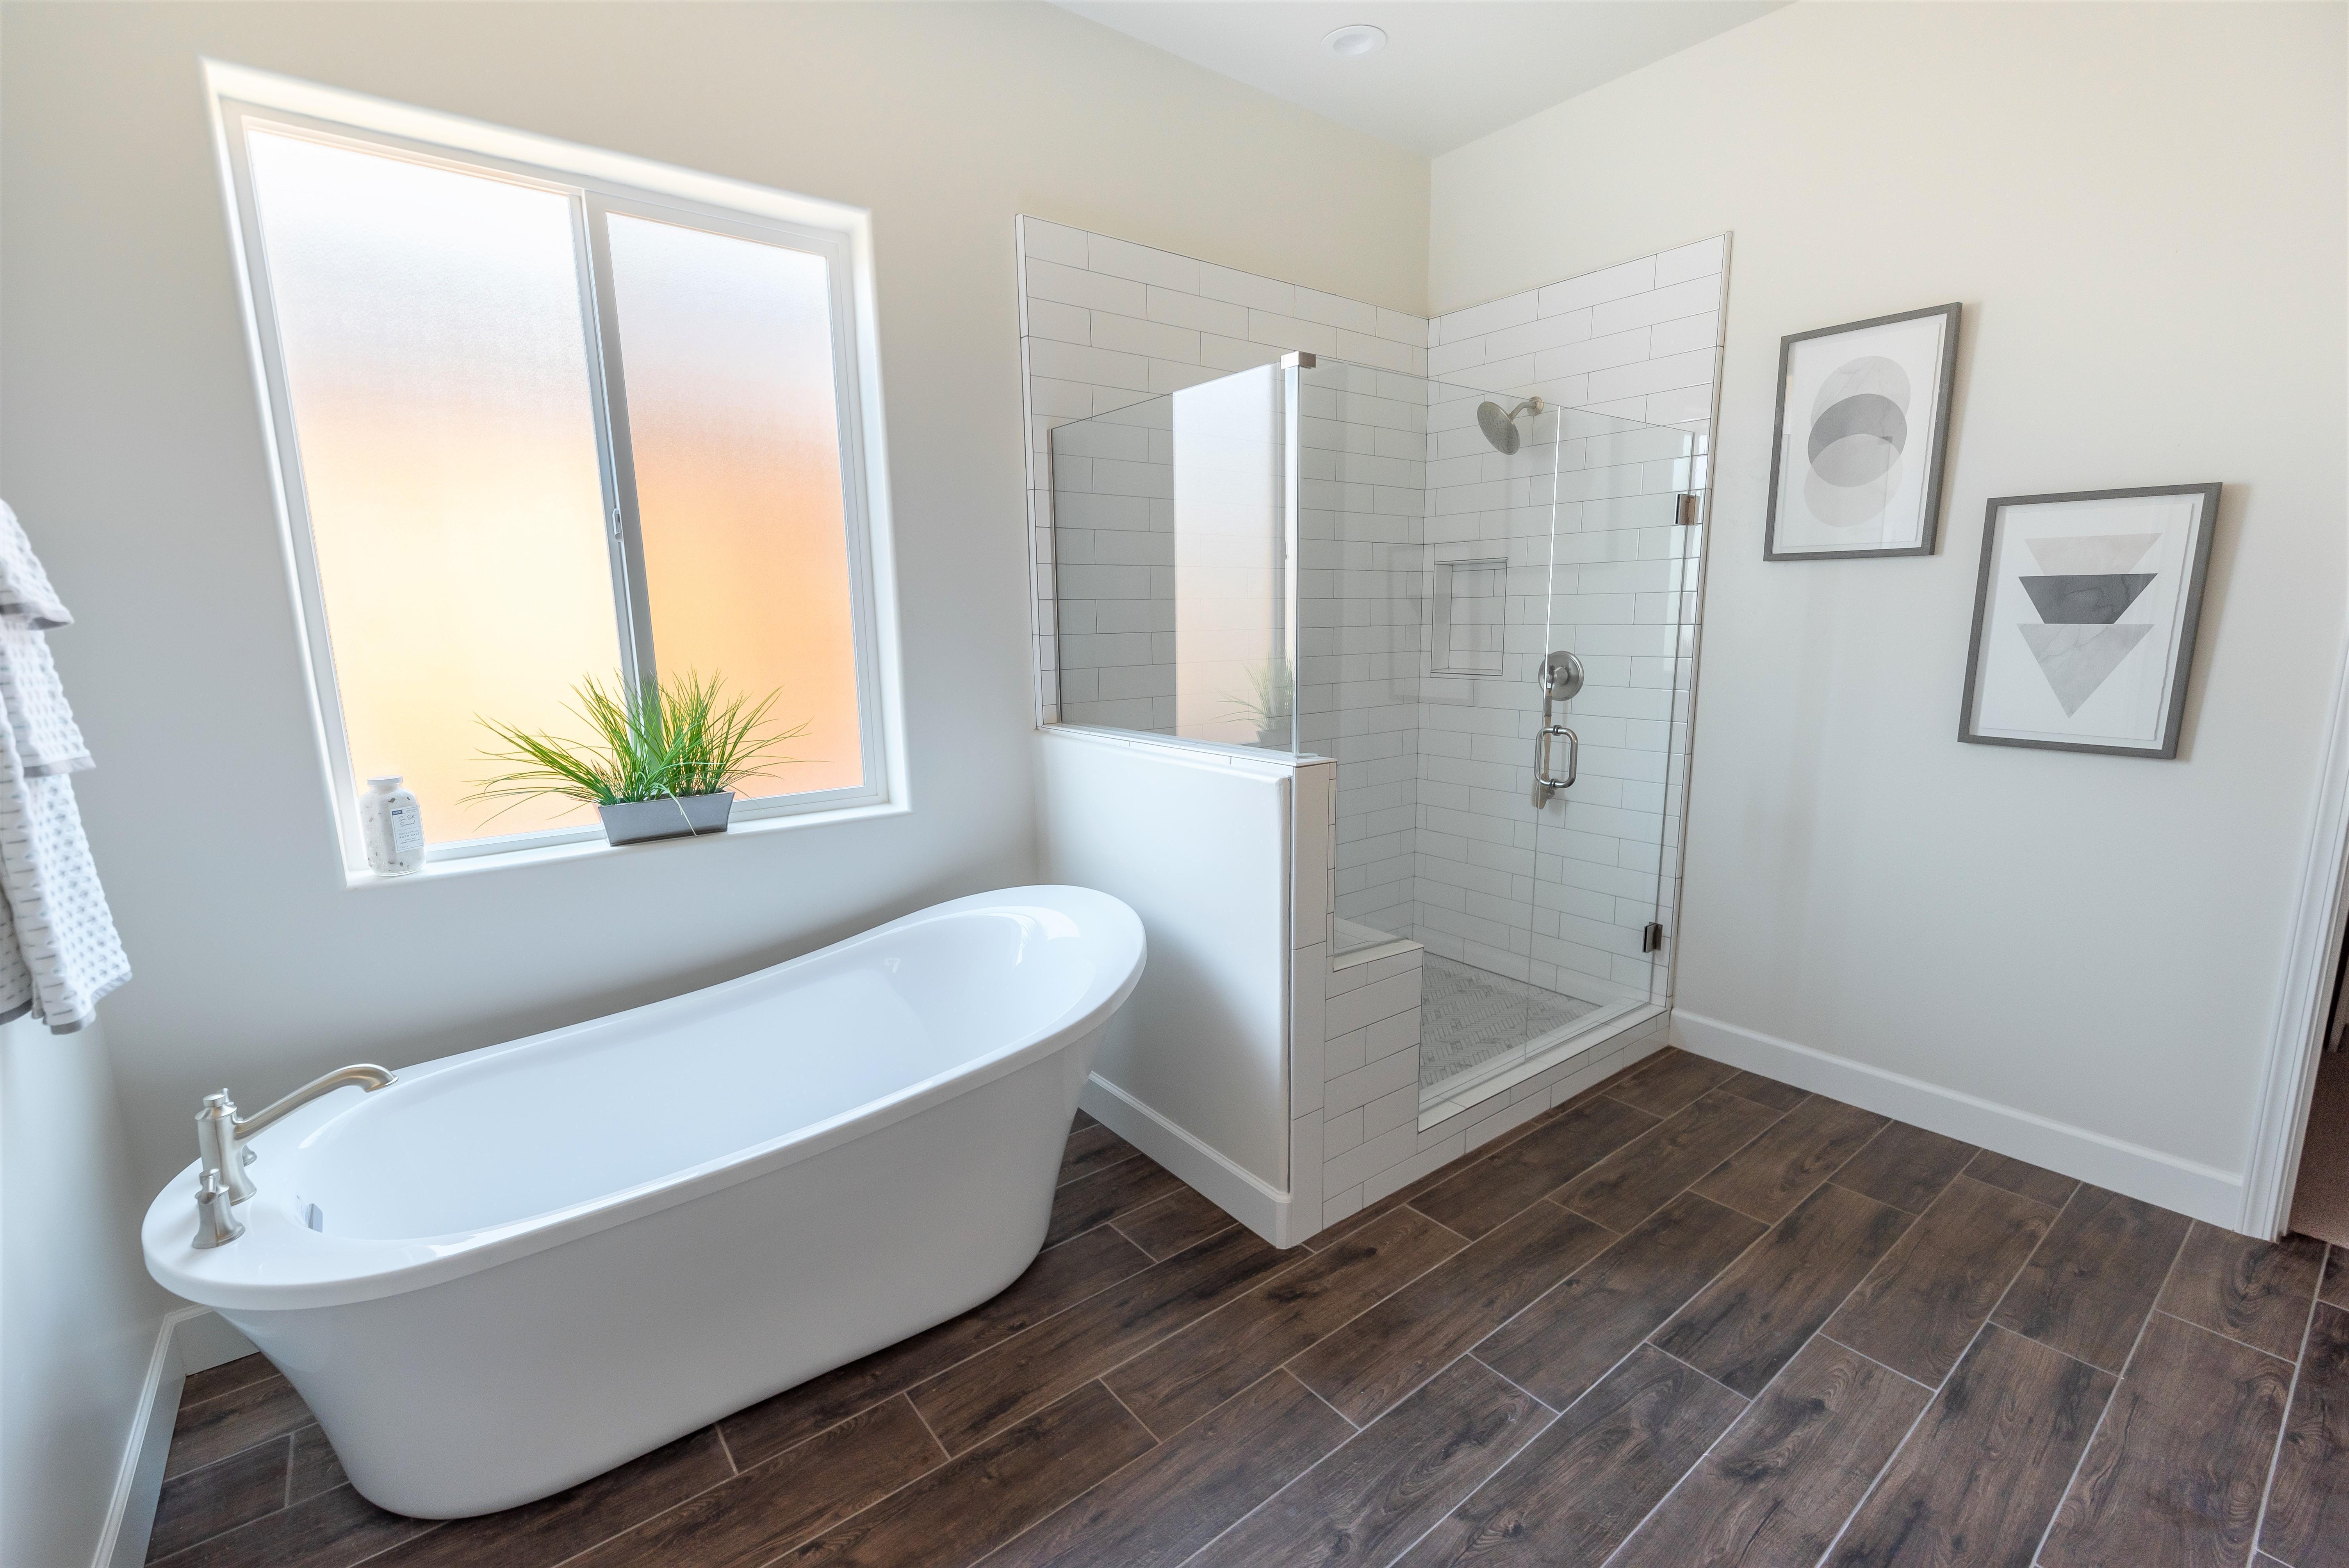 Bathroom featured in the Cambridge By Coastal Community Builders in Santa Barbara, CA